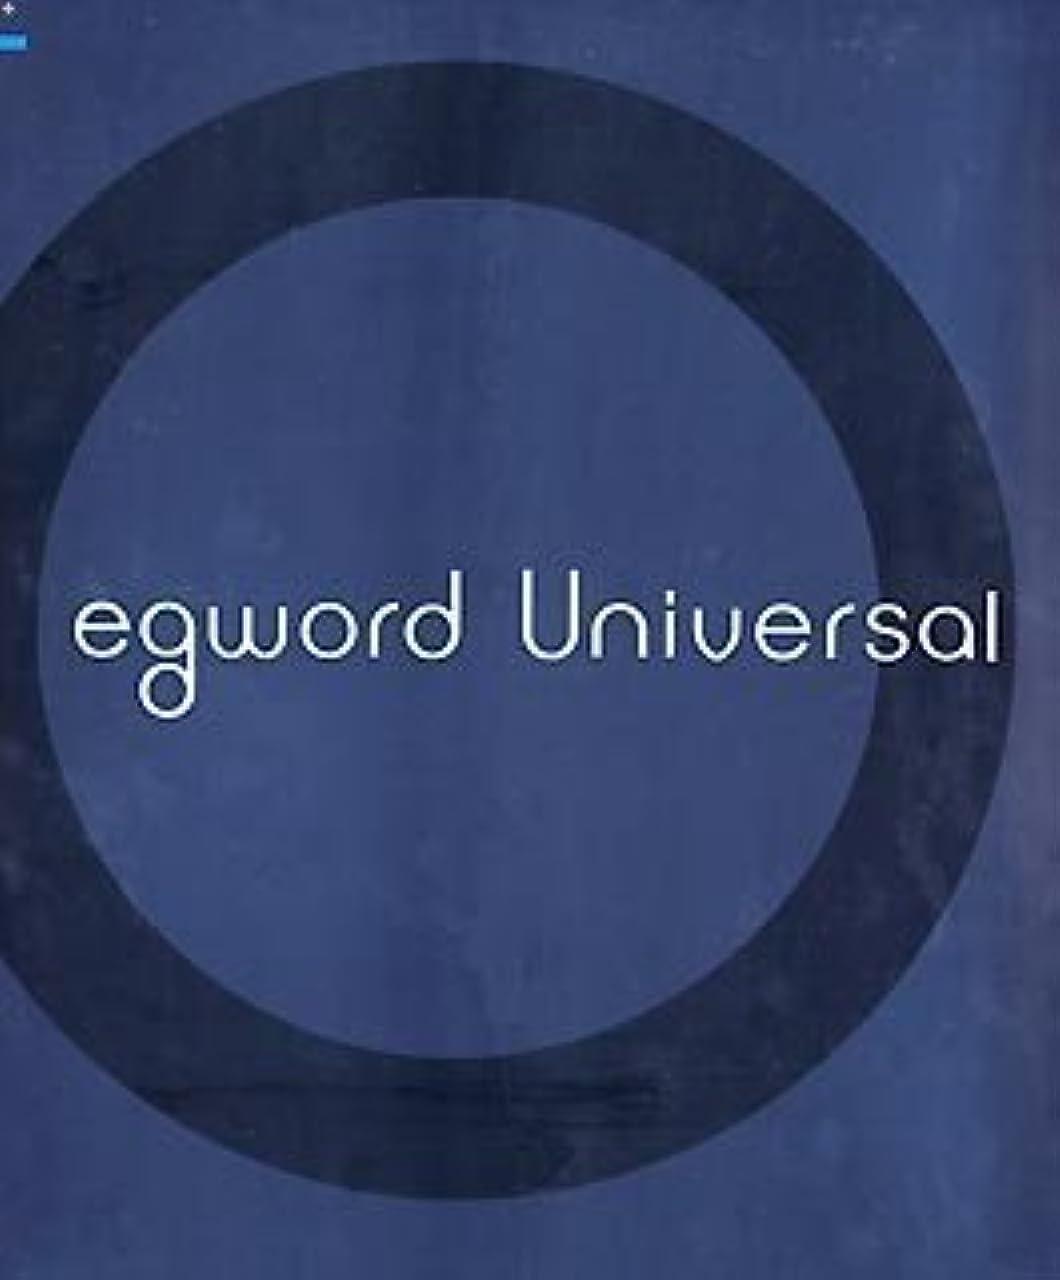 ペチコートくしゃくしゃ解明egword Universal